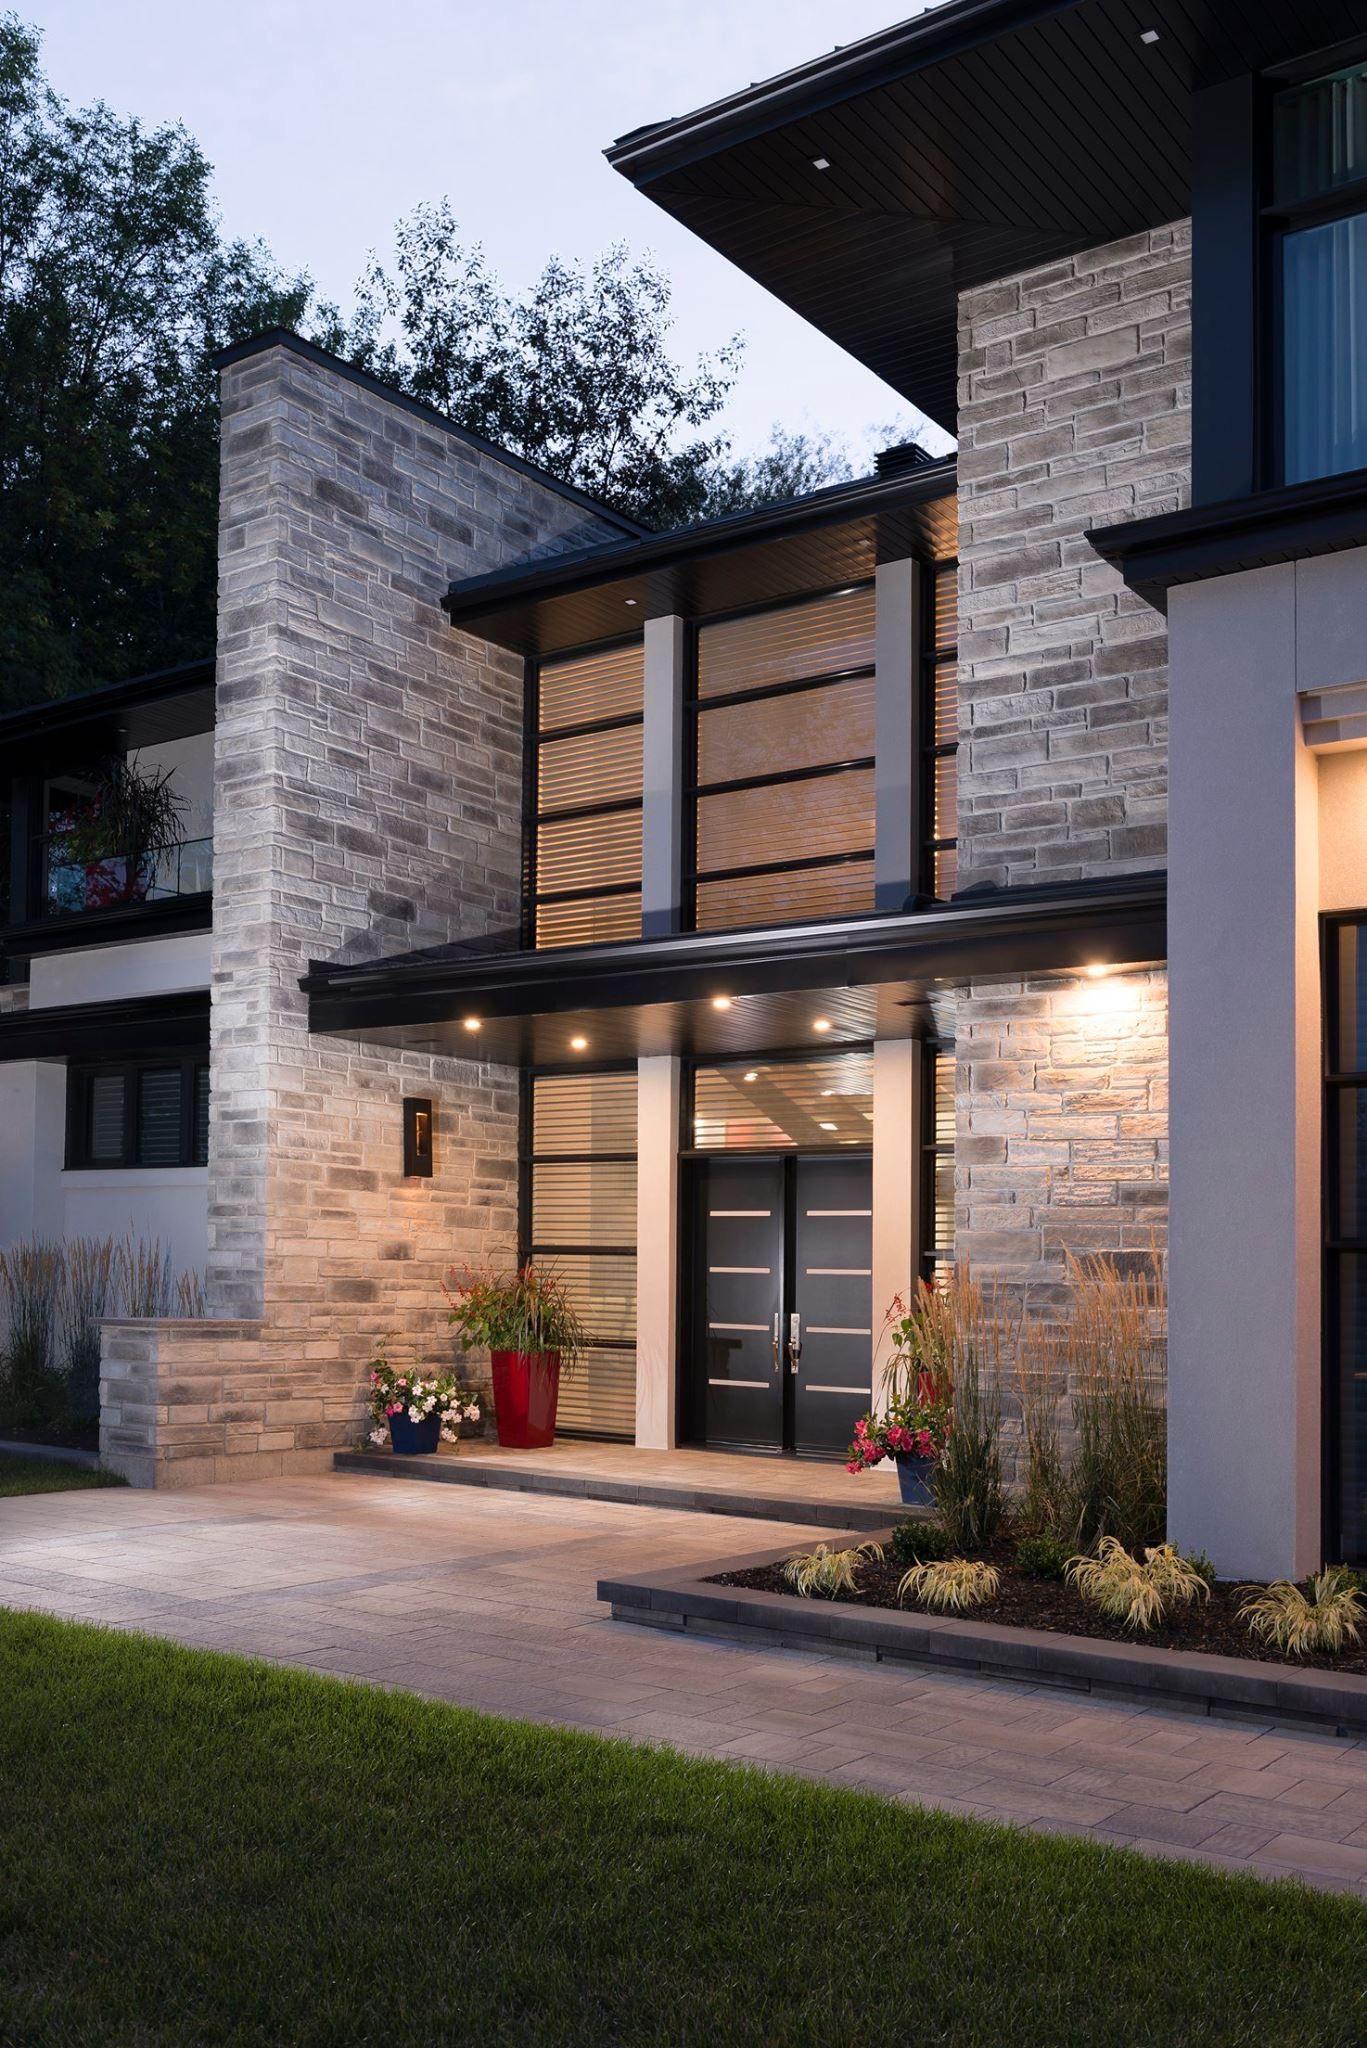 Ingresso Casa Esterno In Pietra pin di mara ducoli su progetto casa | case da sogno